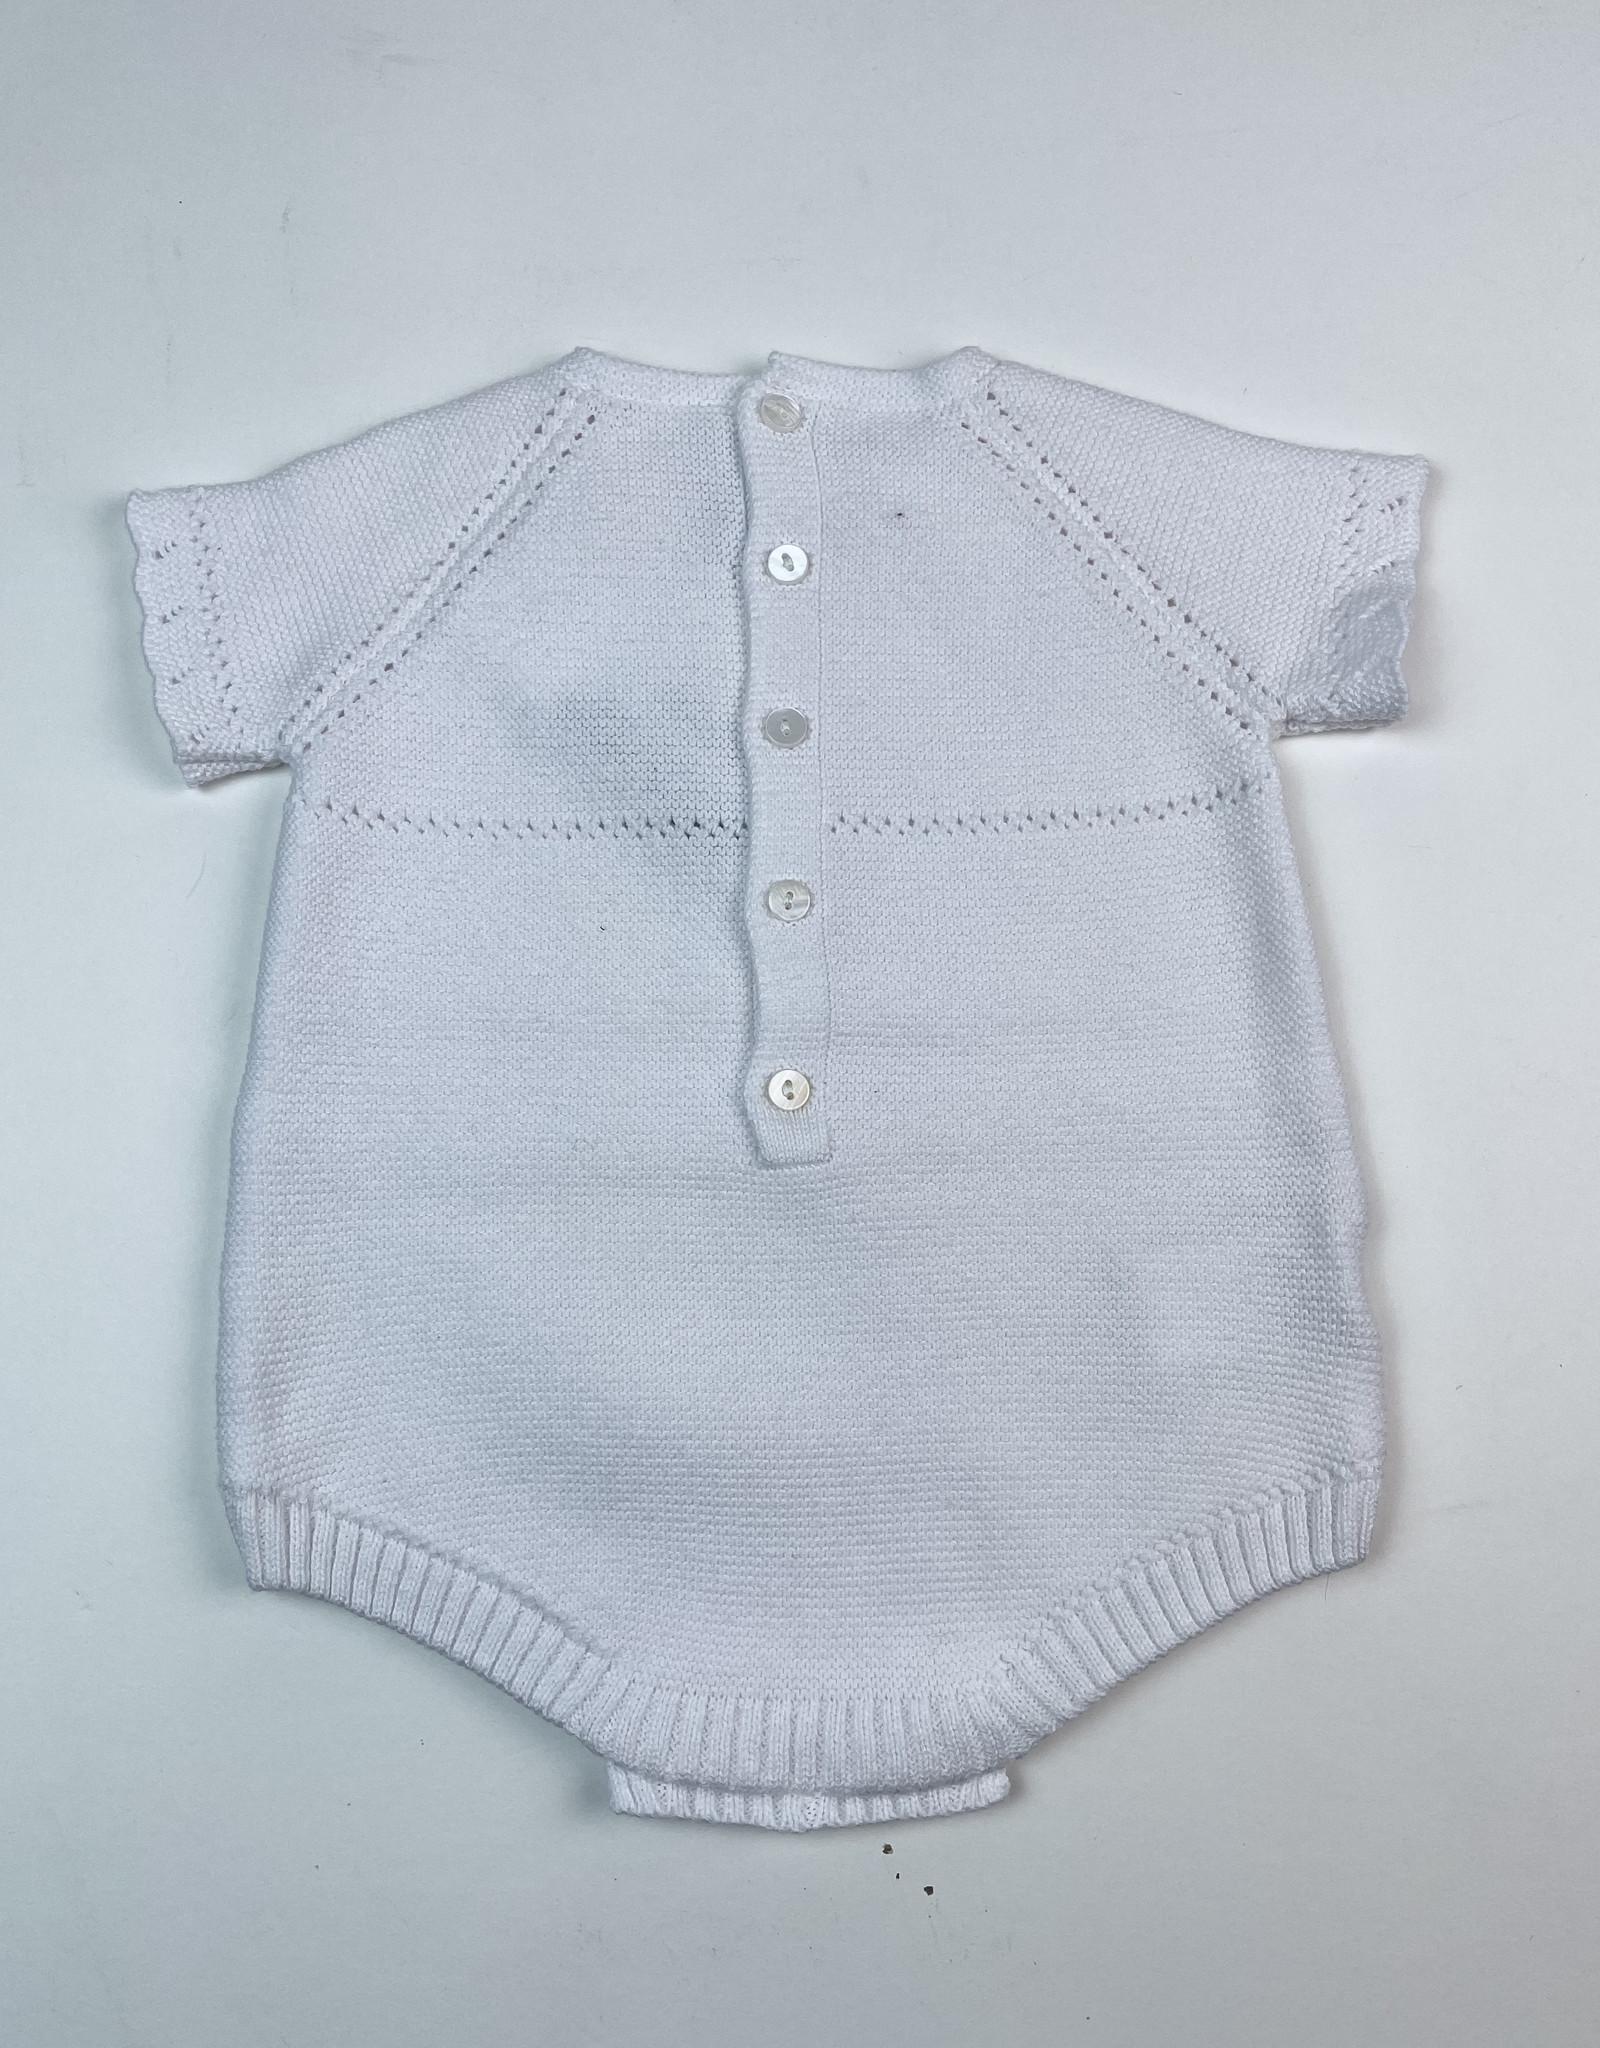 Martin Aranda Knitted Short Romper White  S/S 10044